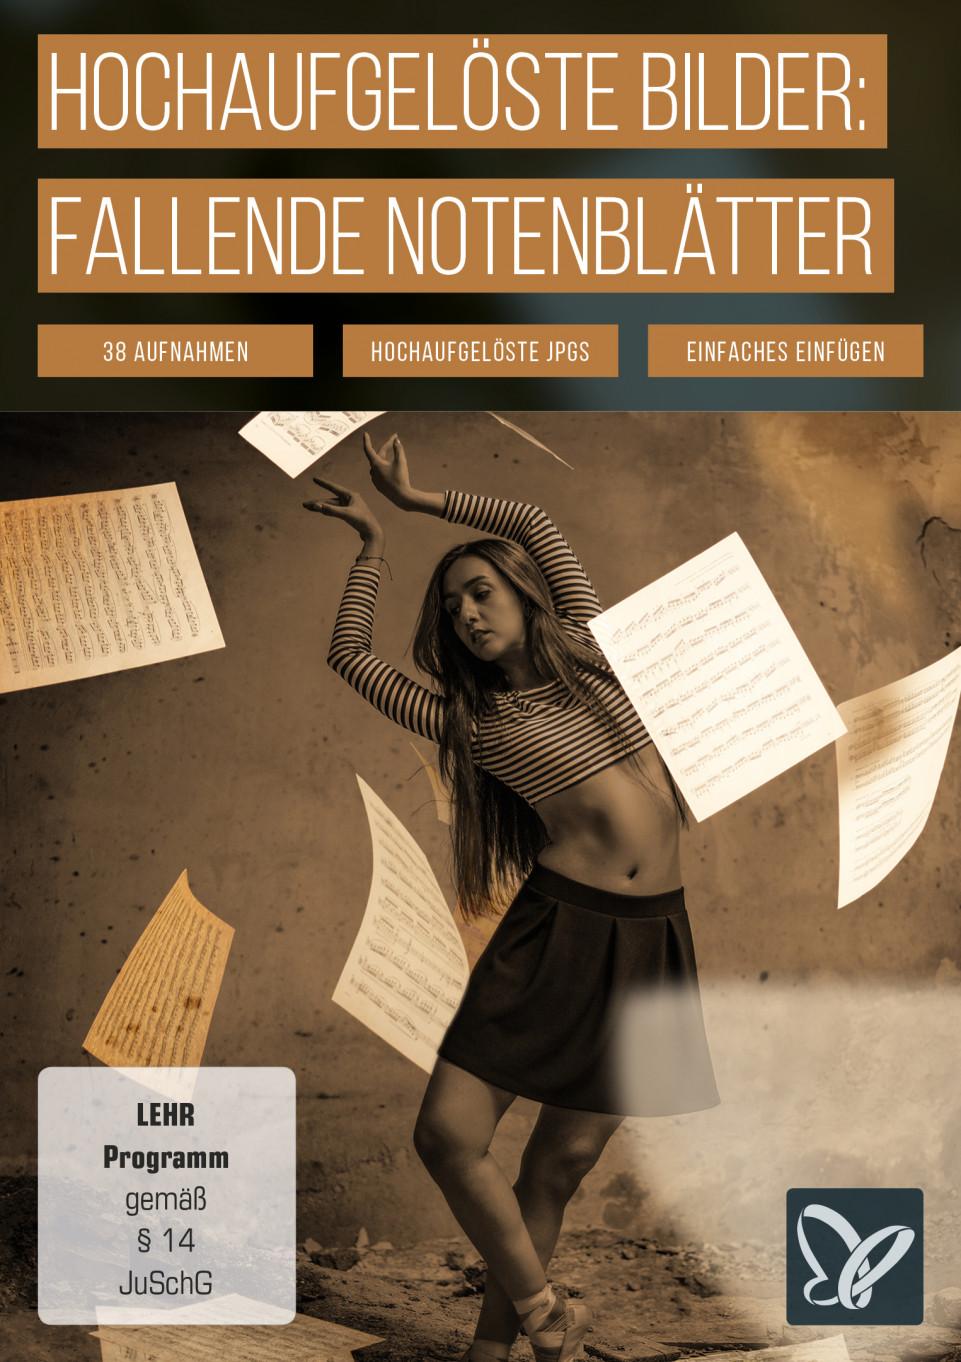 Bilder für deine Composings: alte Notenblätter, fallende Blätter